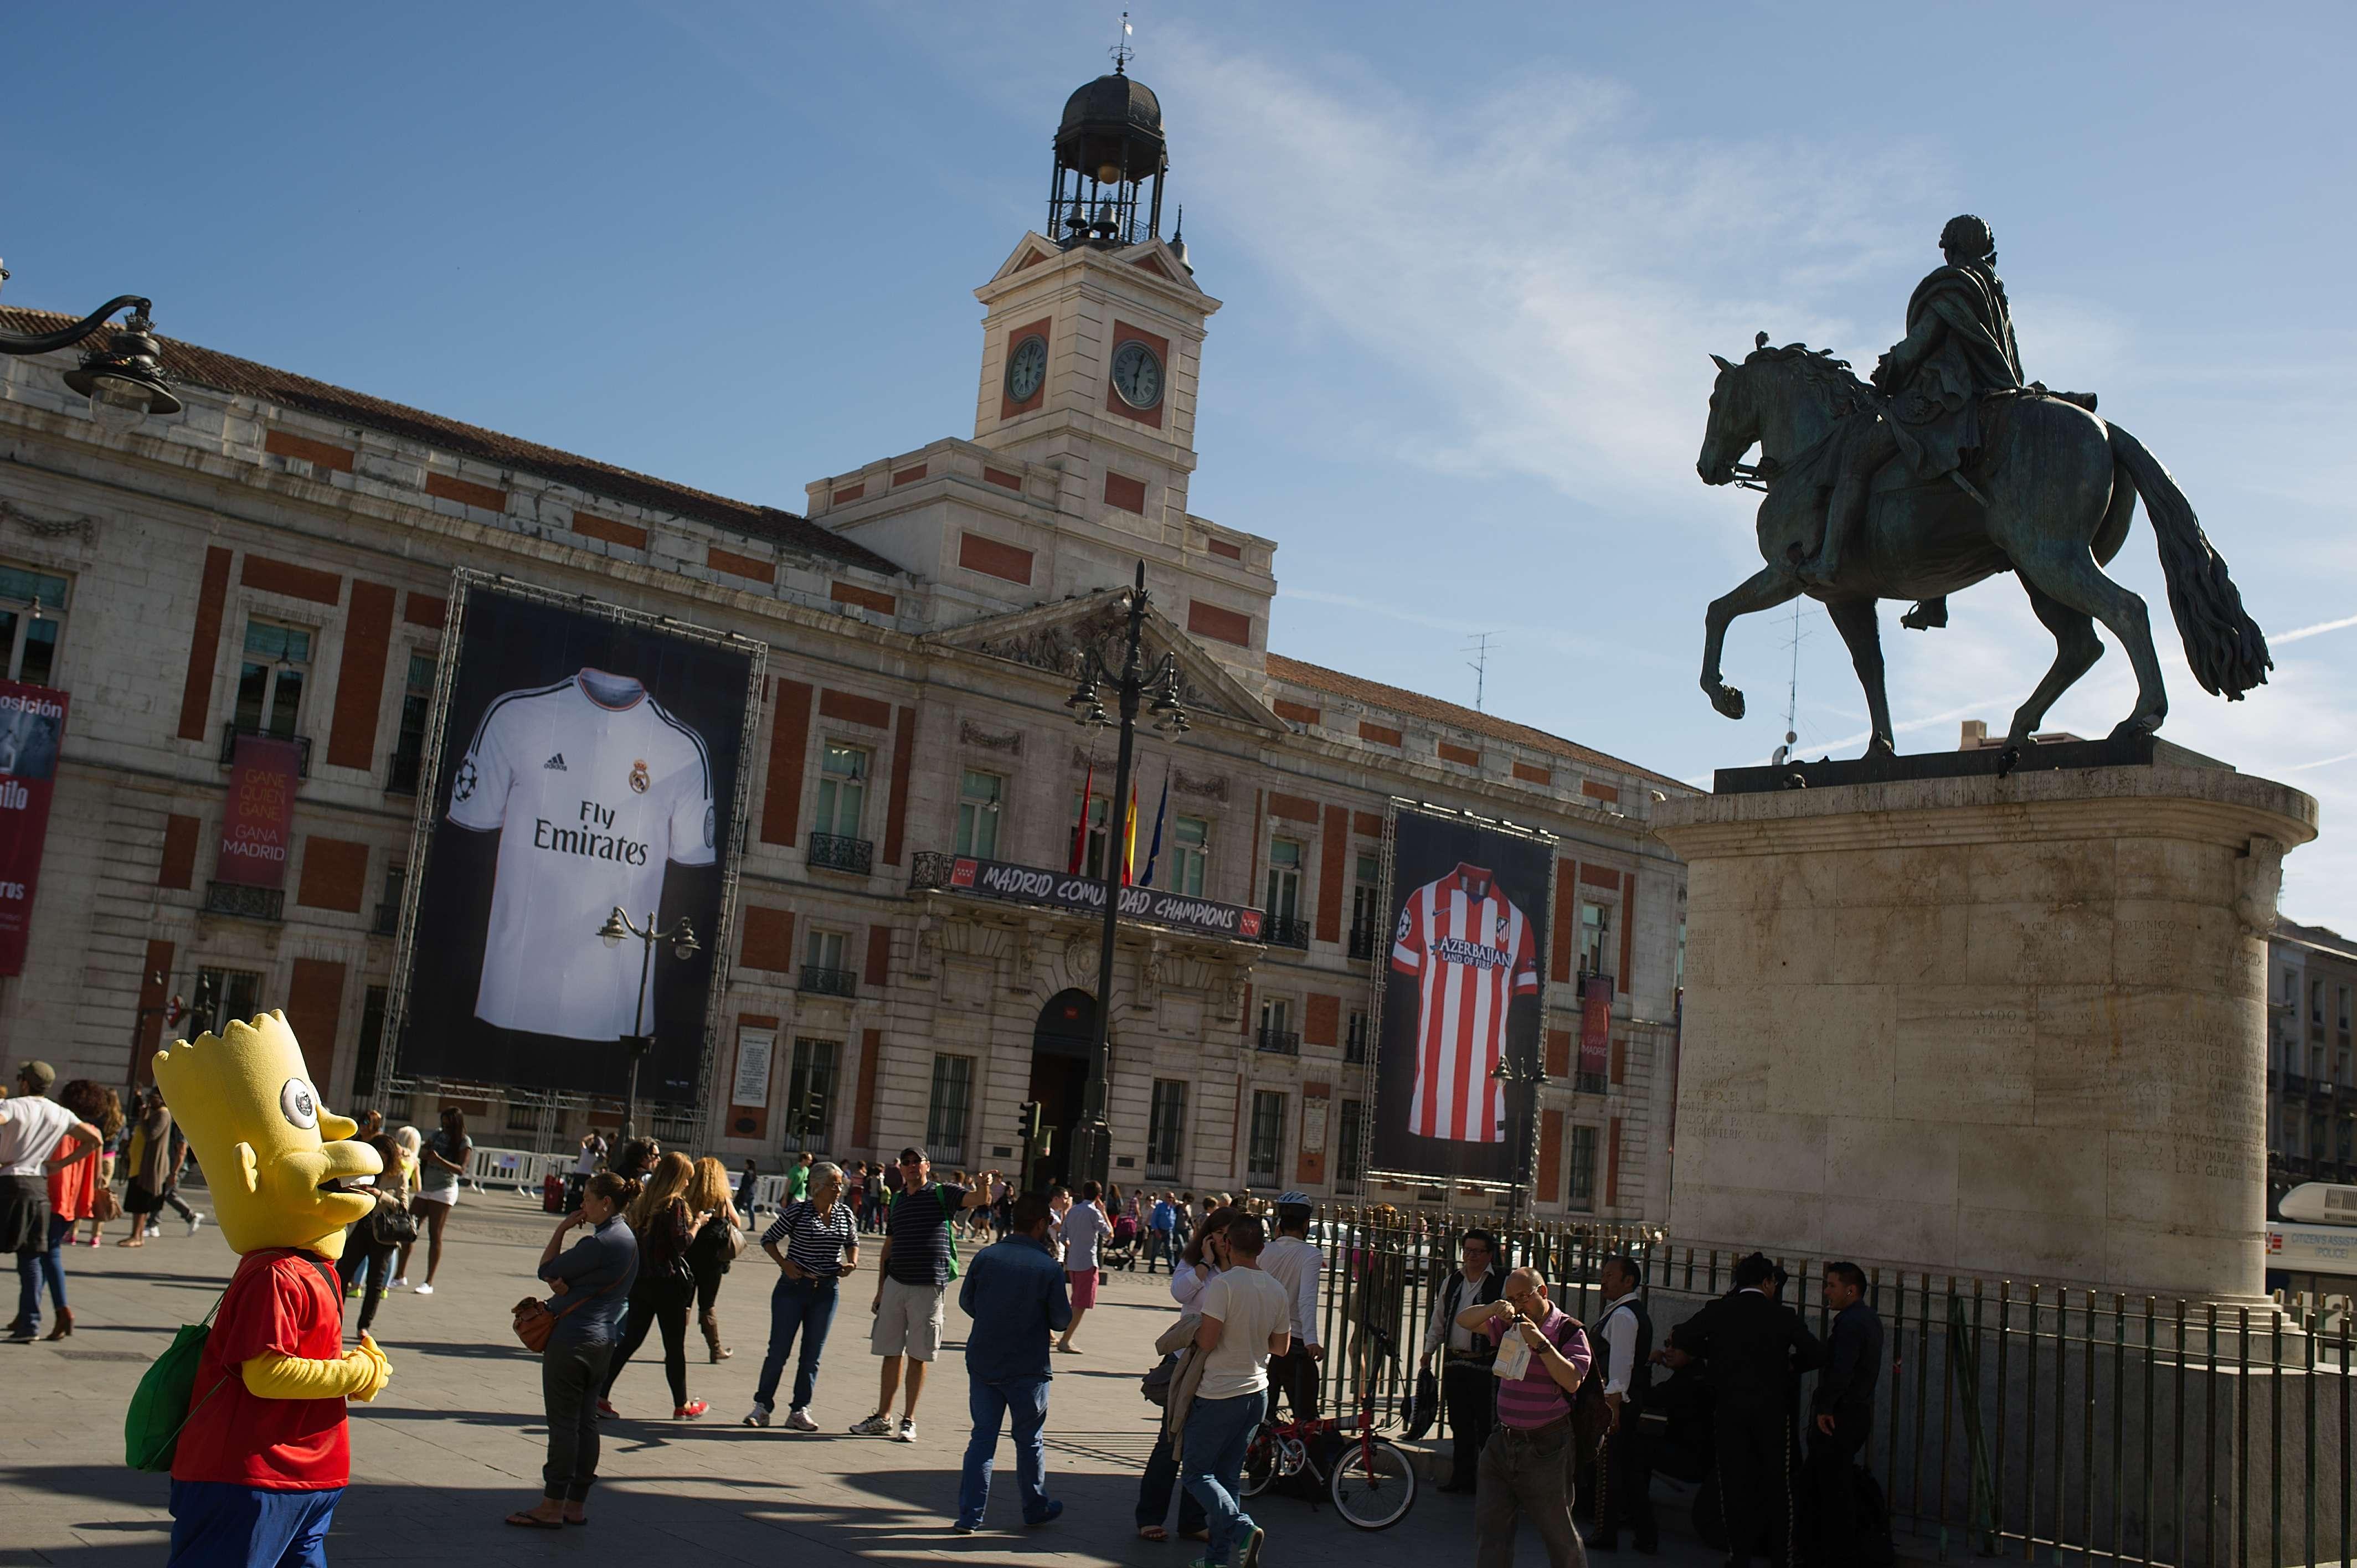 La céntrica Puerta del Sol madrileña se viste de gala para la ocasión. Foto: Getty Images